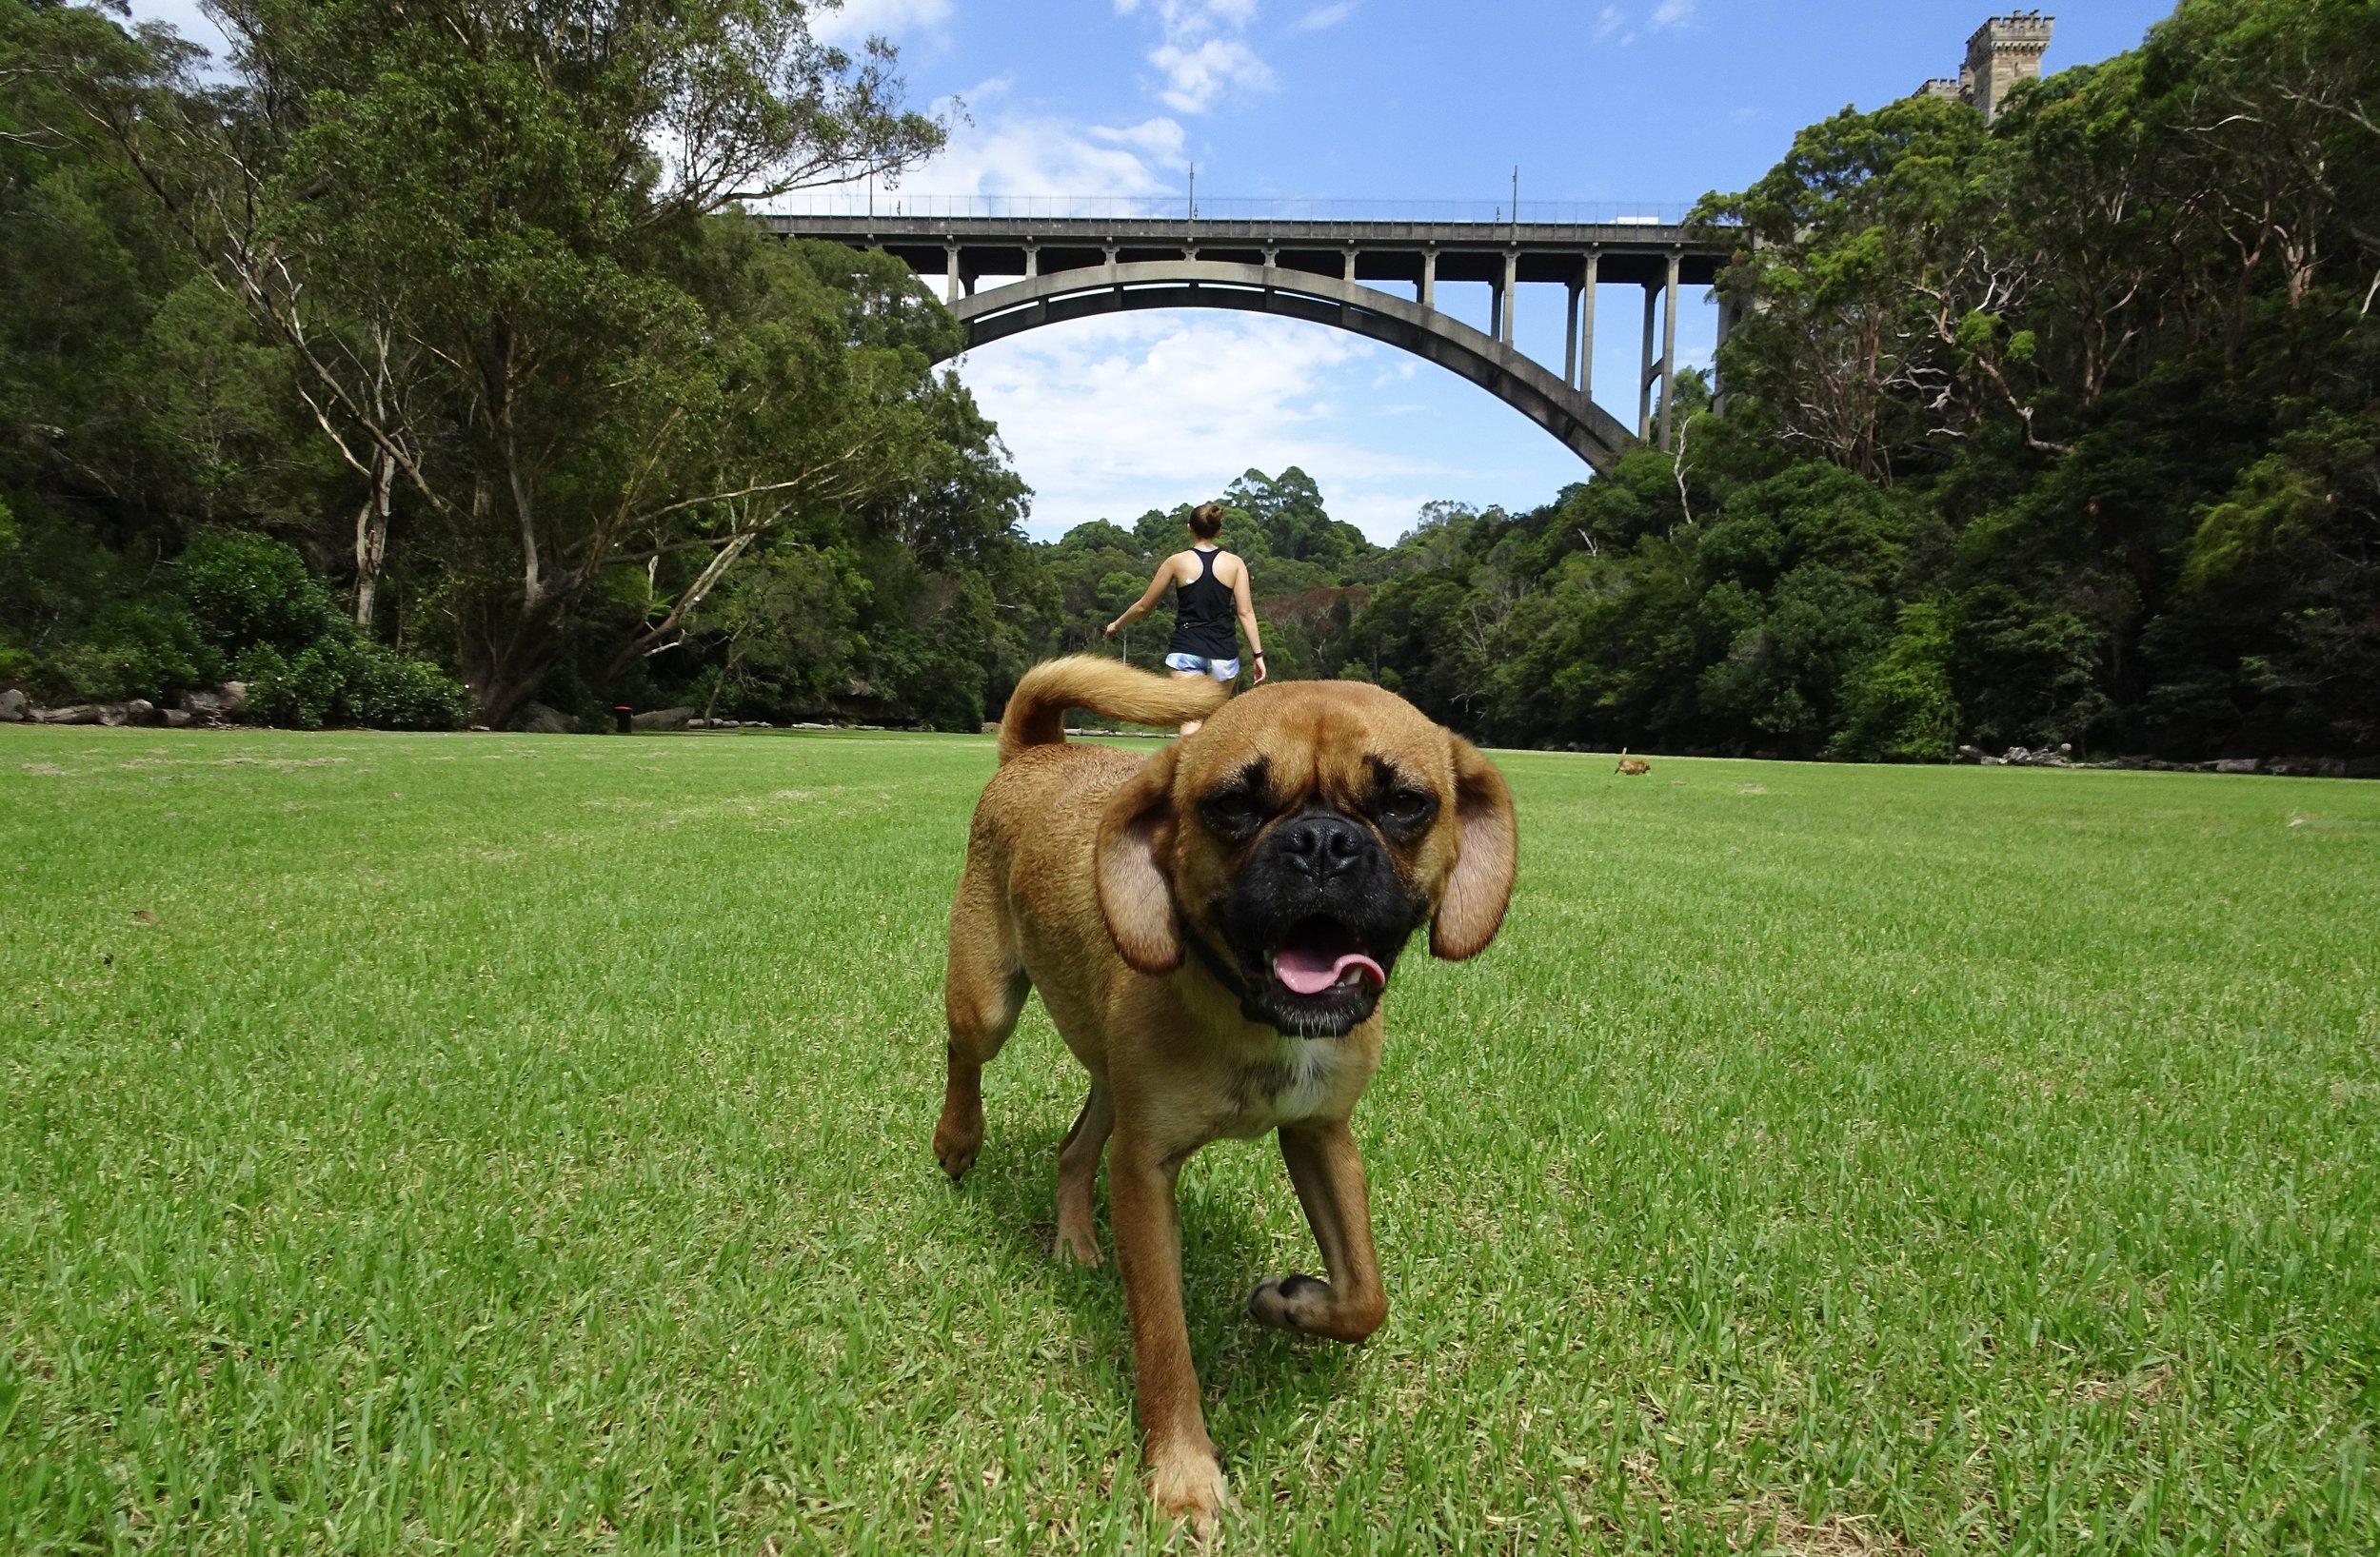 Tunks Park, Northbridge, Sydney, Australia